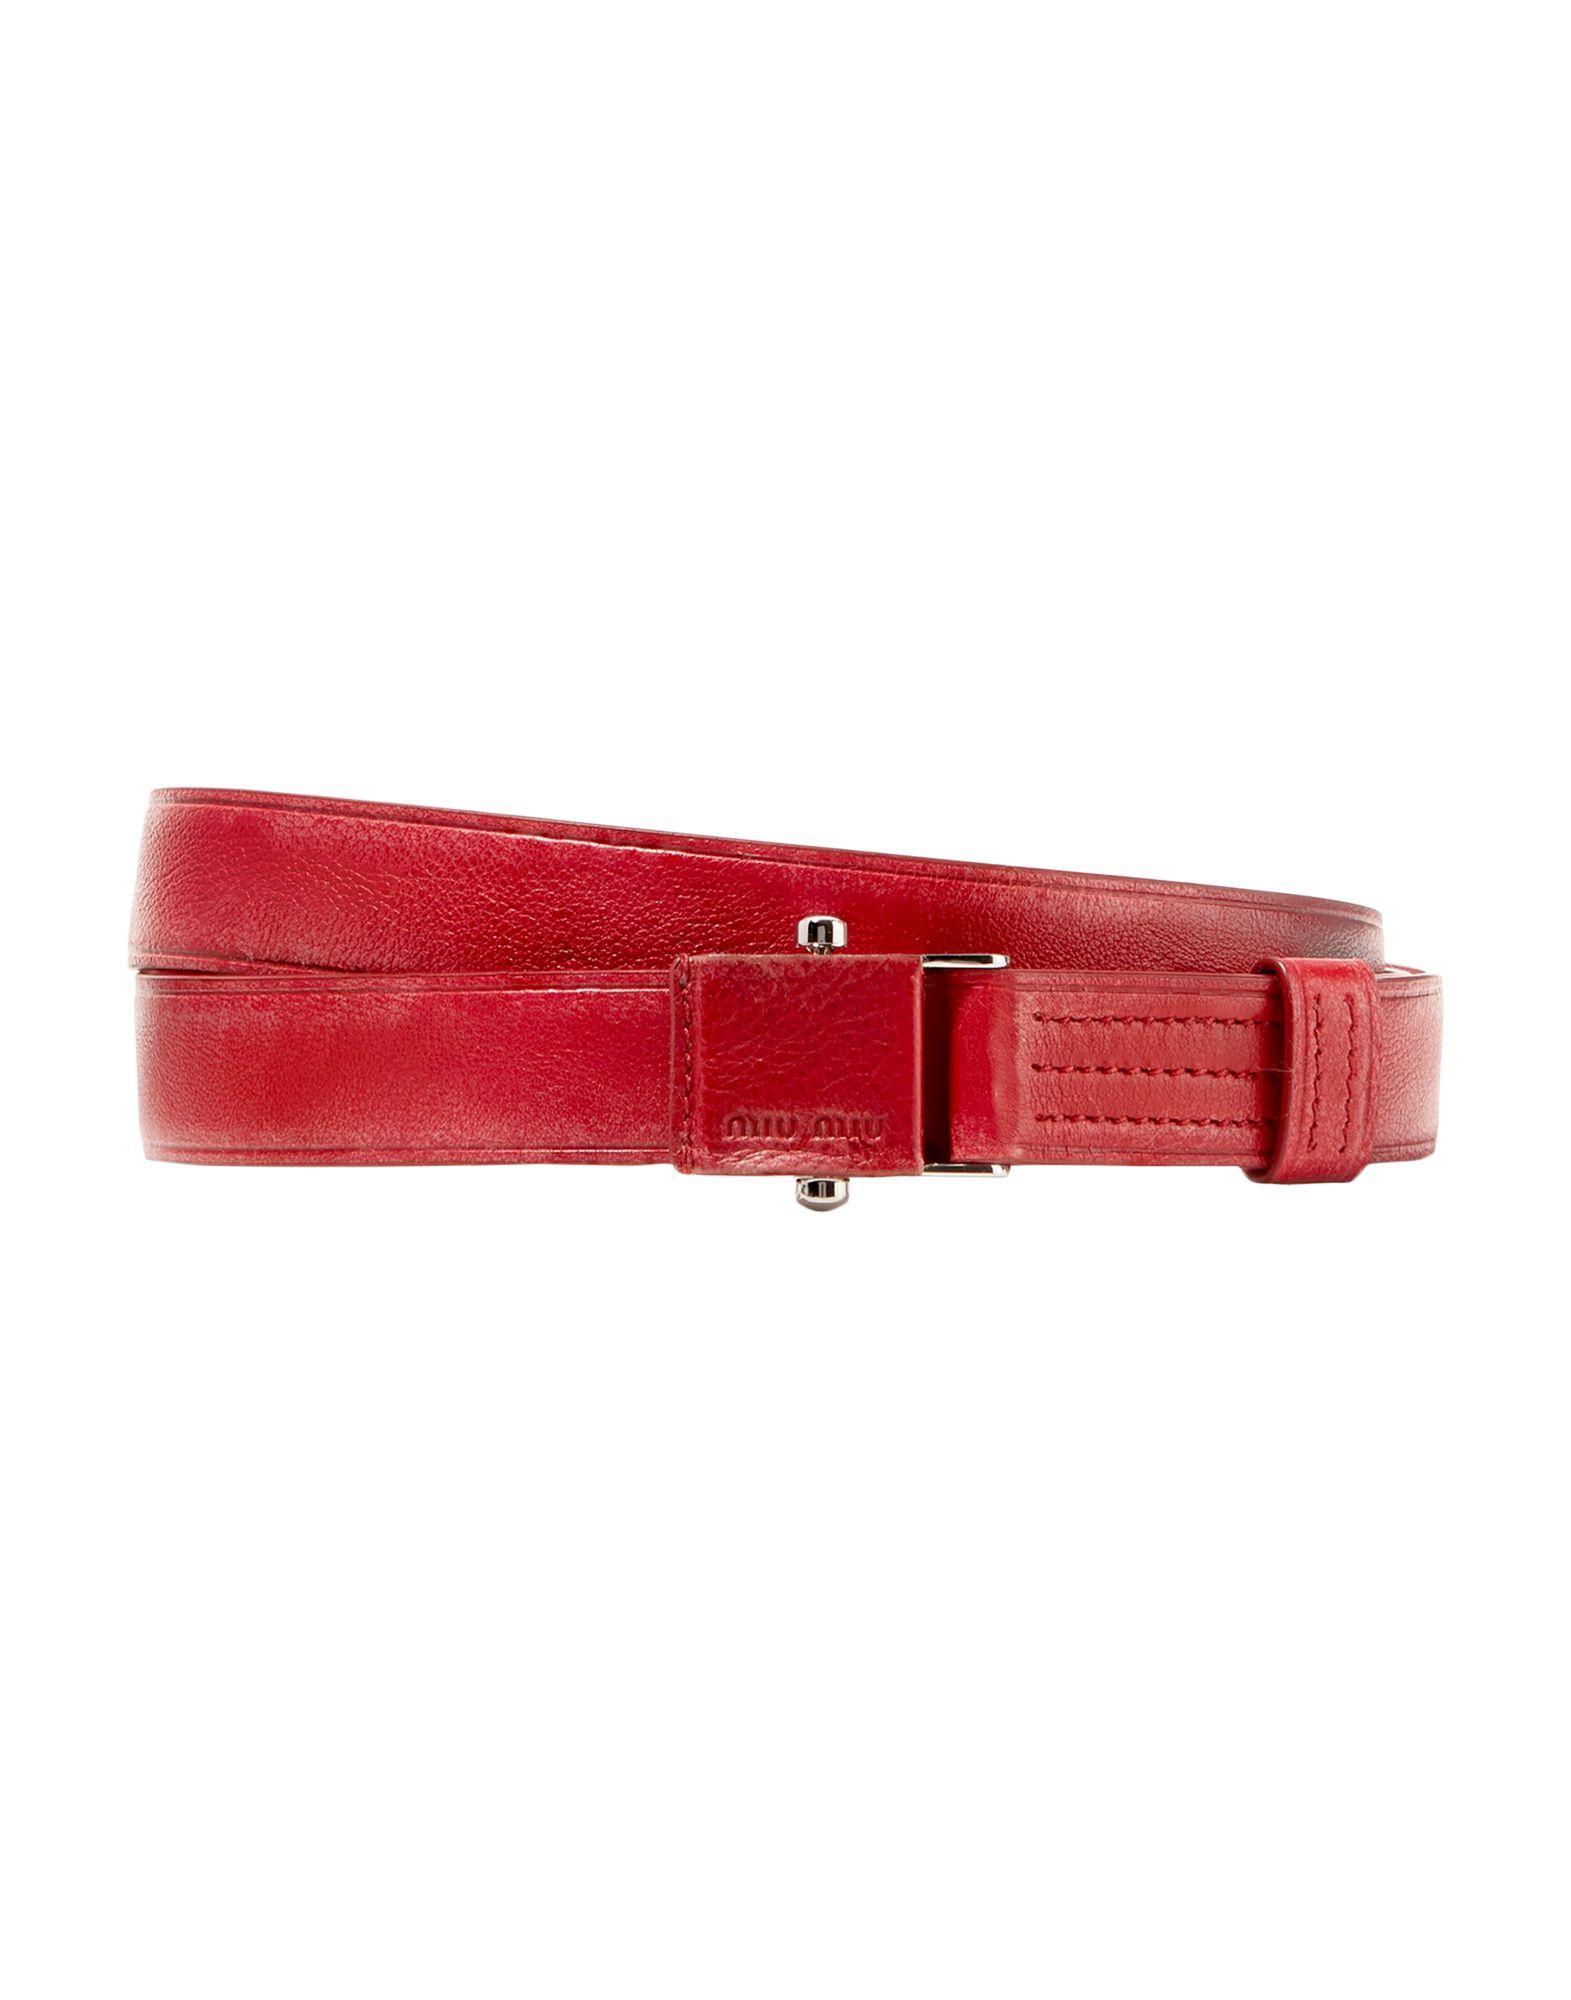 bb9e00b94f070 Lyst - Miu Miu Belt in Red